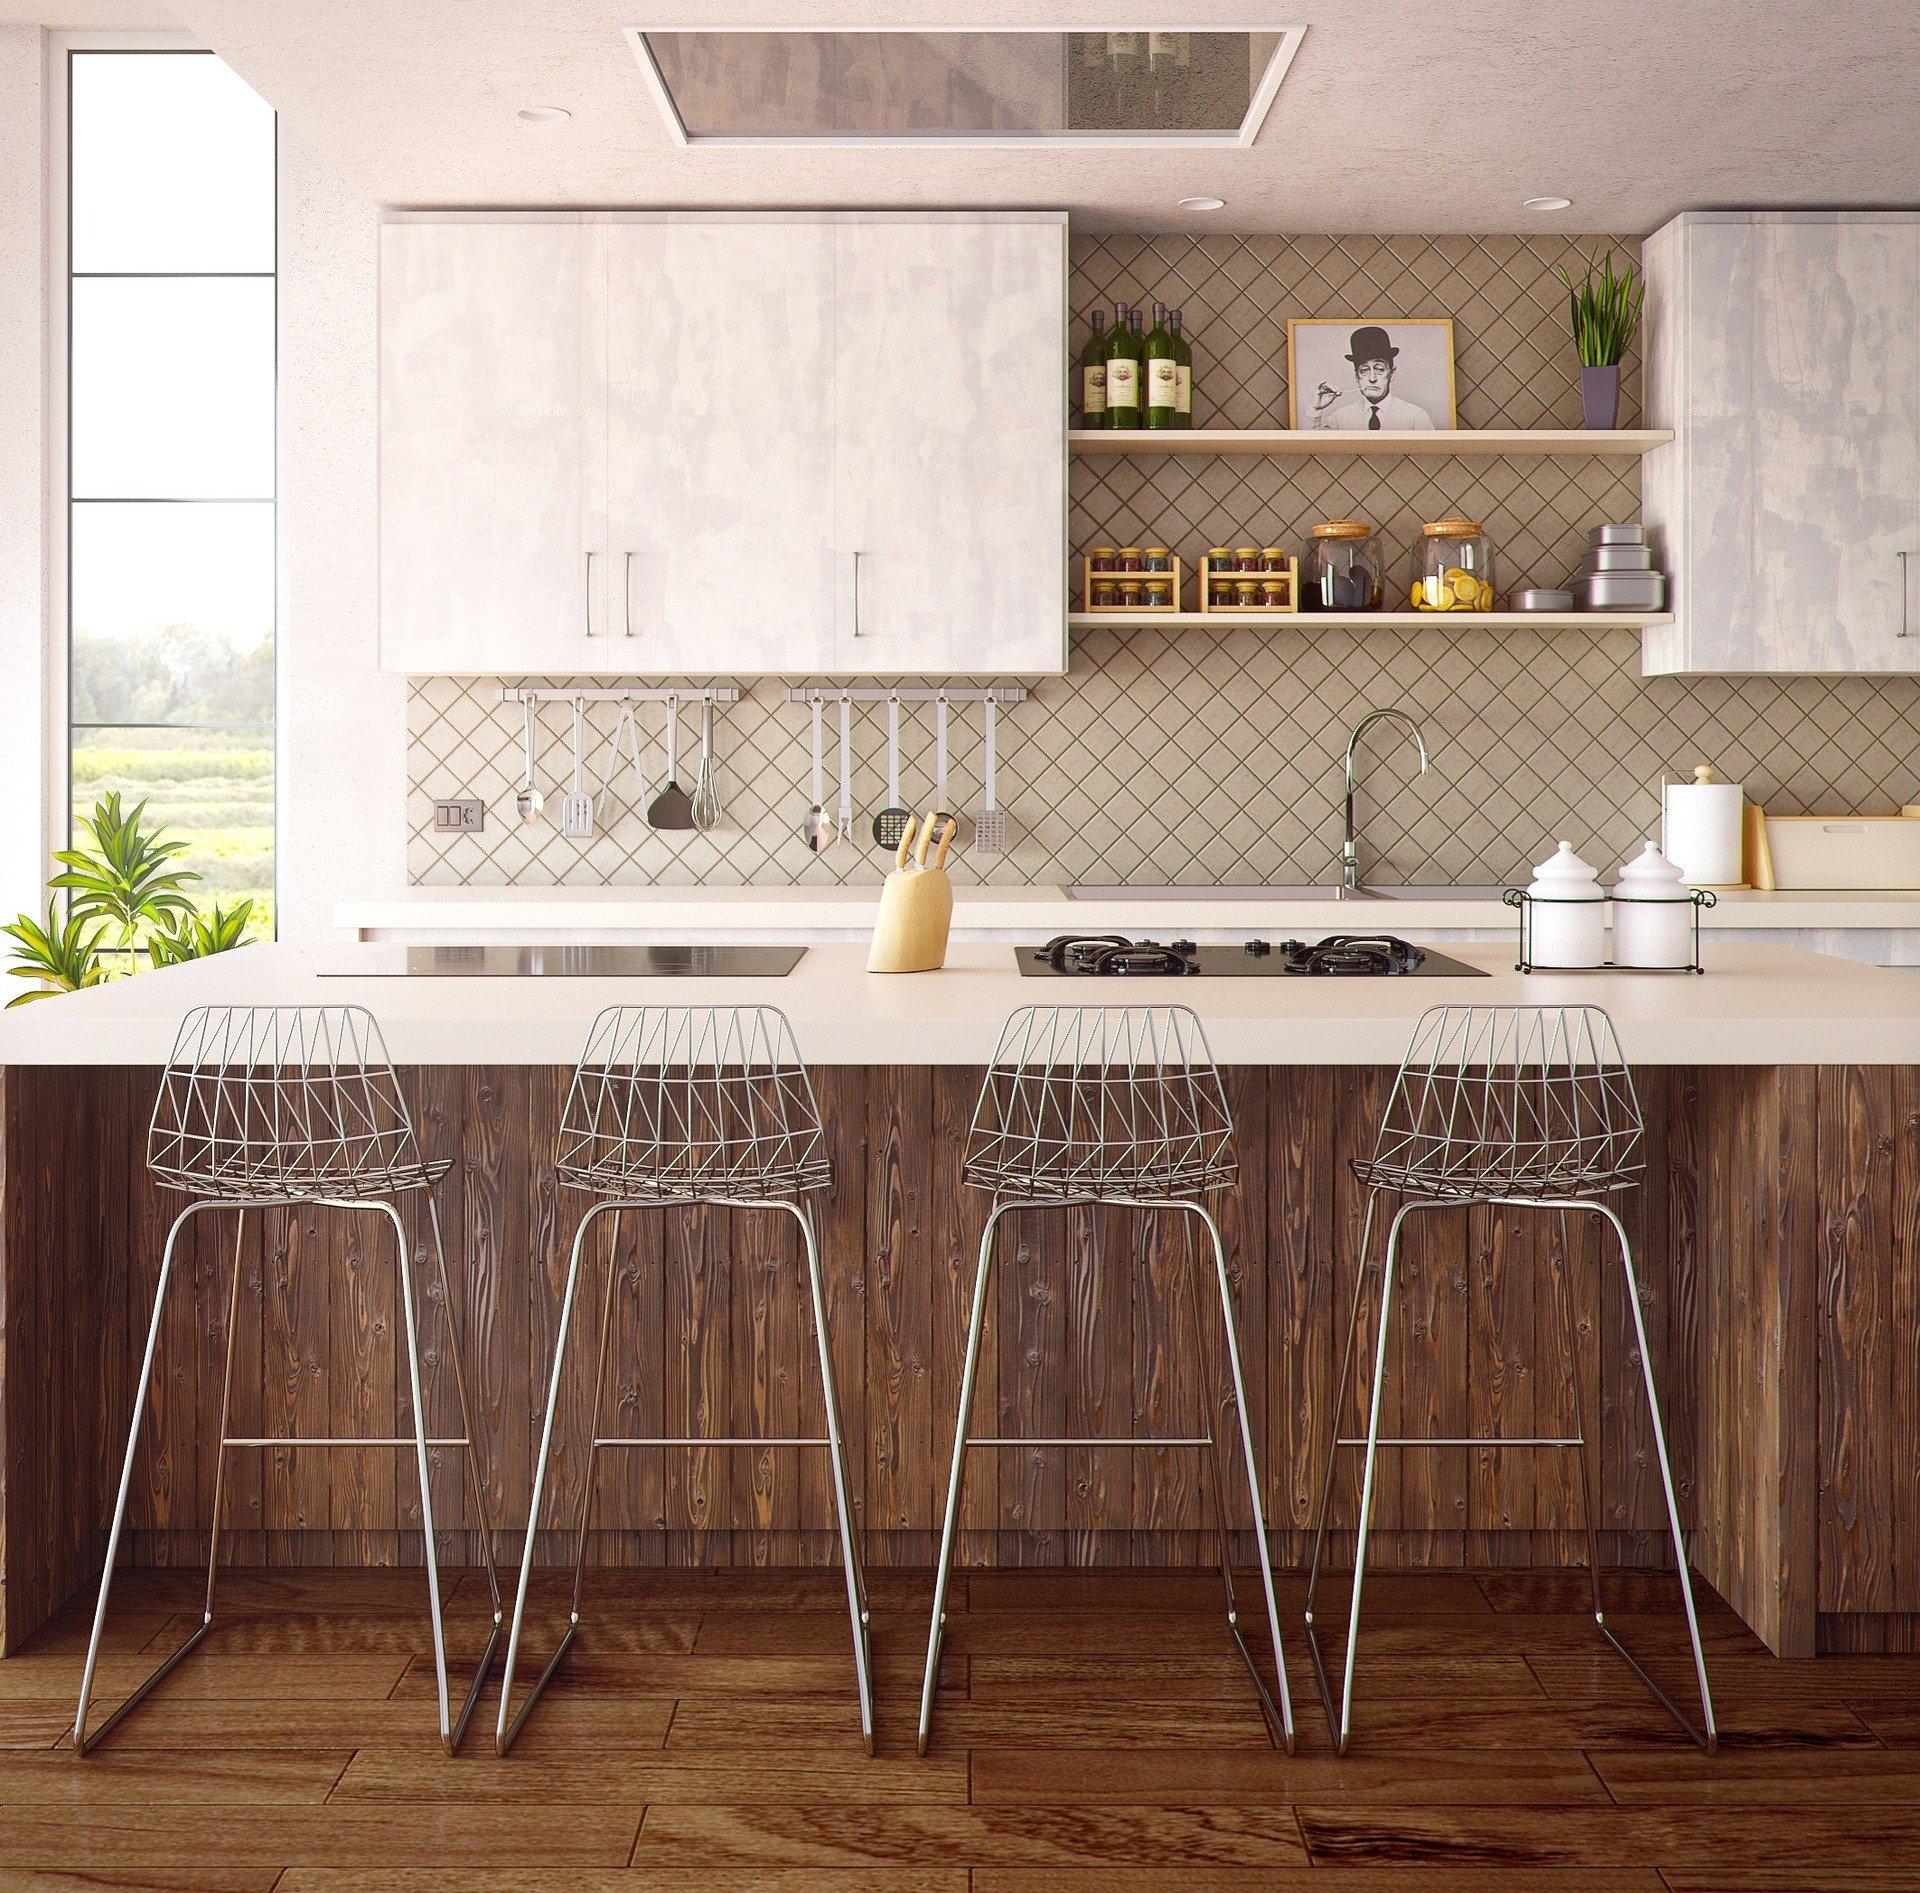 Tworzenie zwykłych kuchni